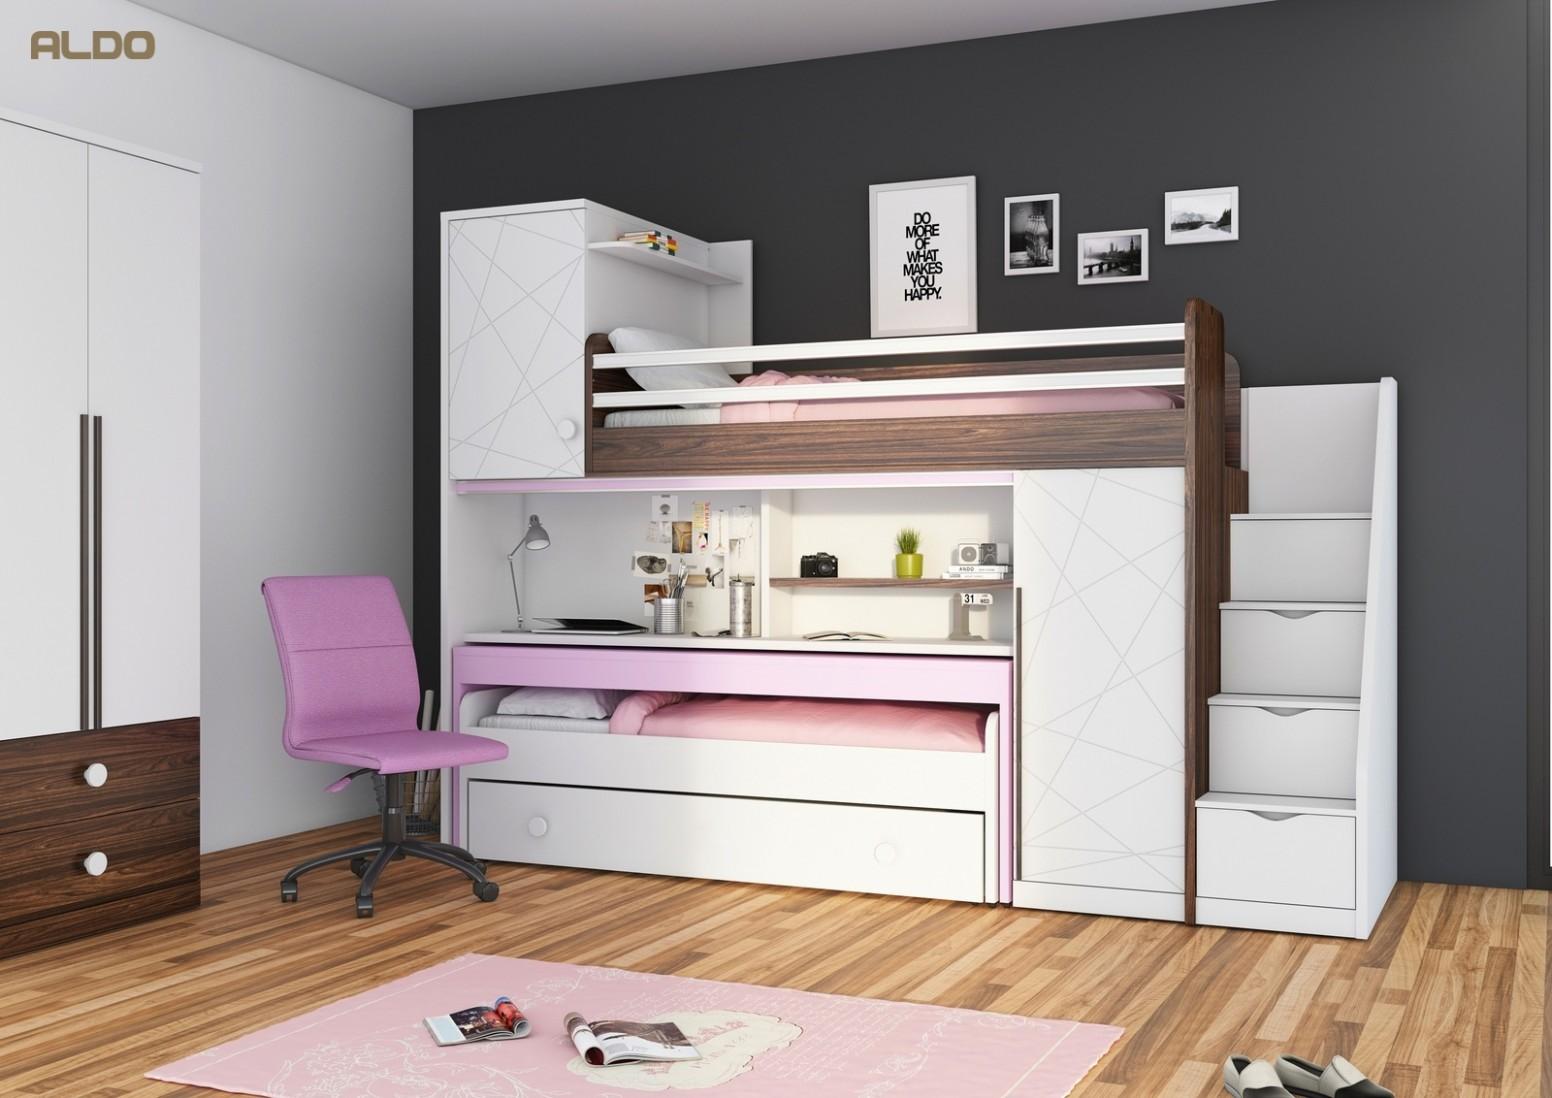 Patrová postel s psacím stolem pro holky New Tower-pink | Nábytek Aldo